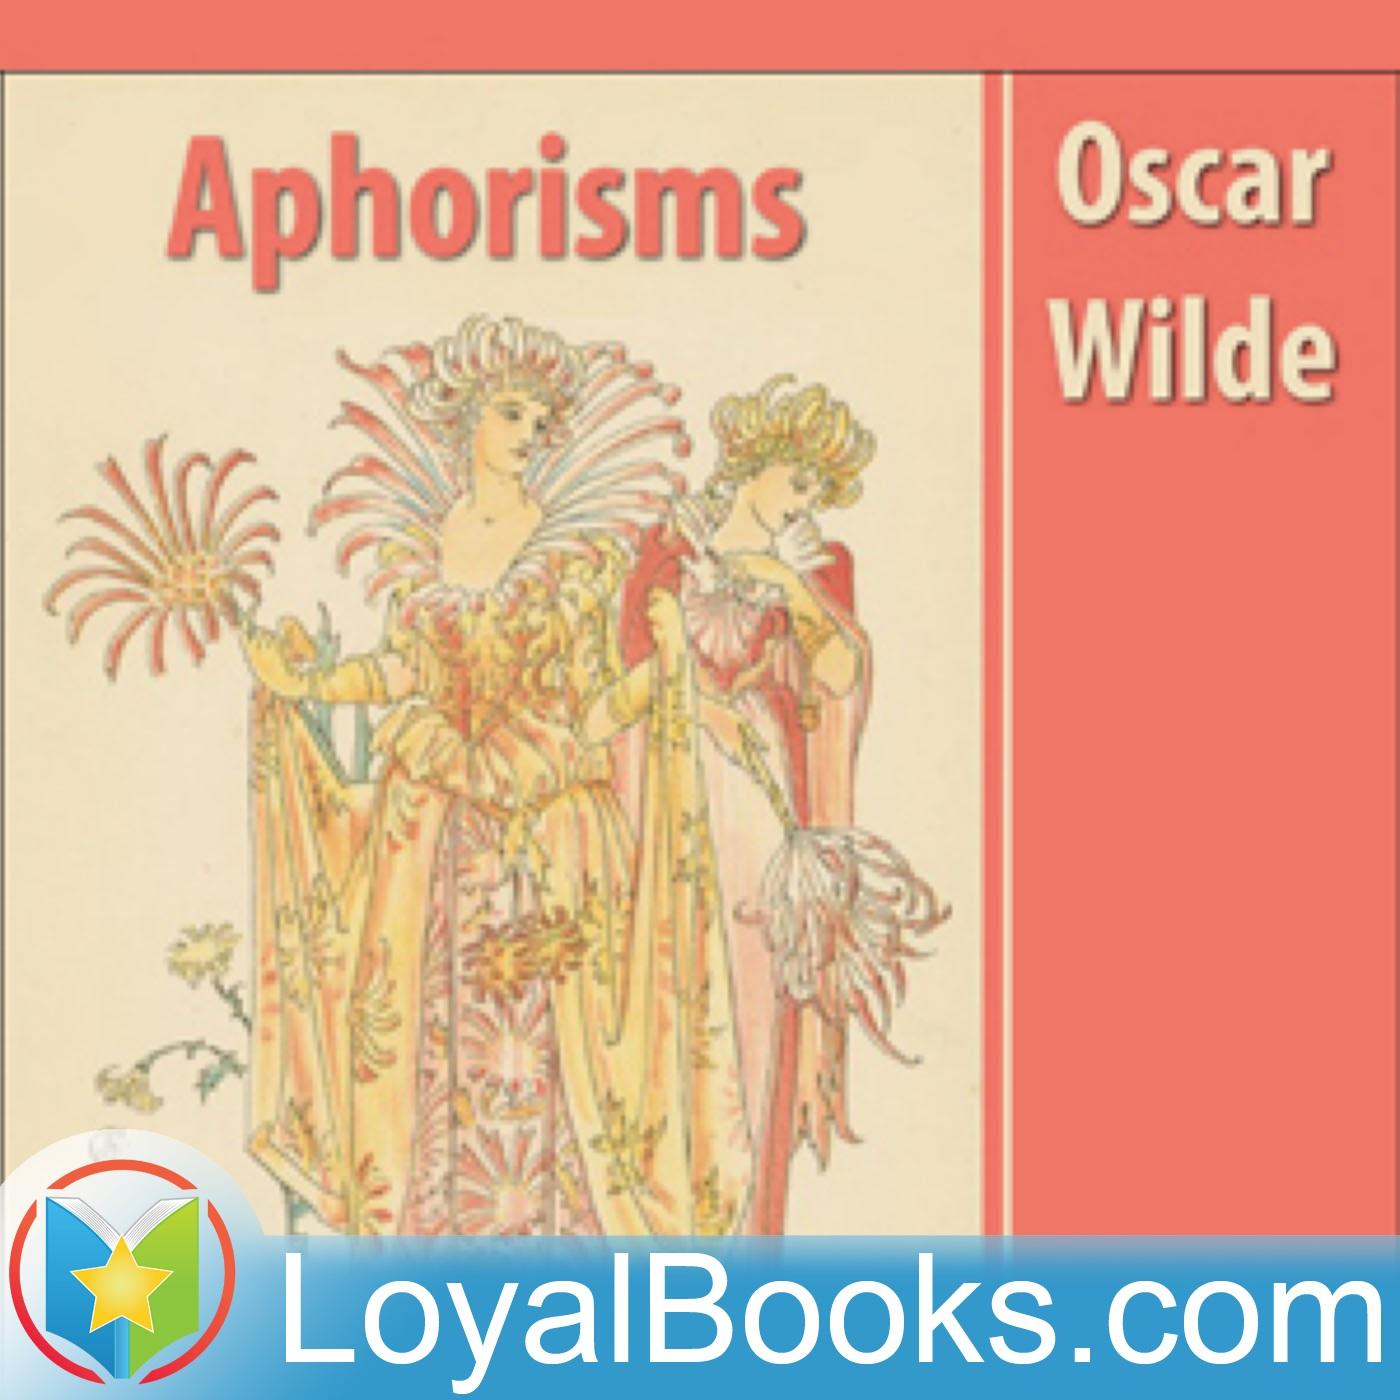 <![CDATA[Aphorisms by Oscar Wilde]]>